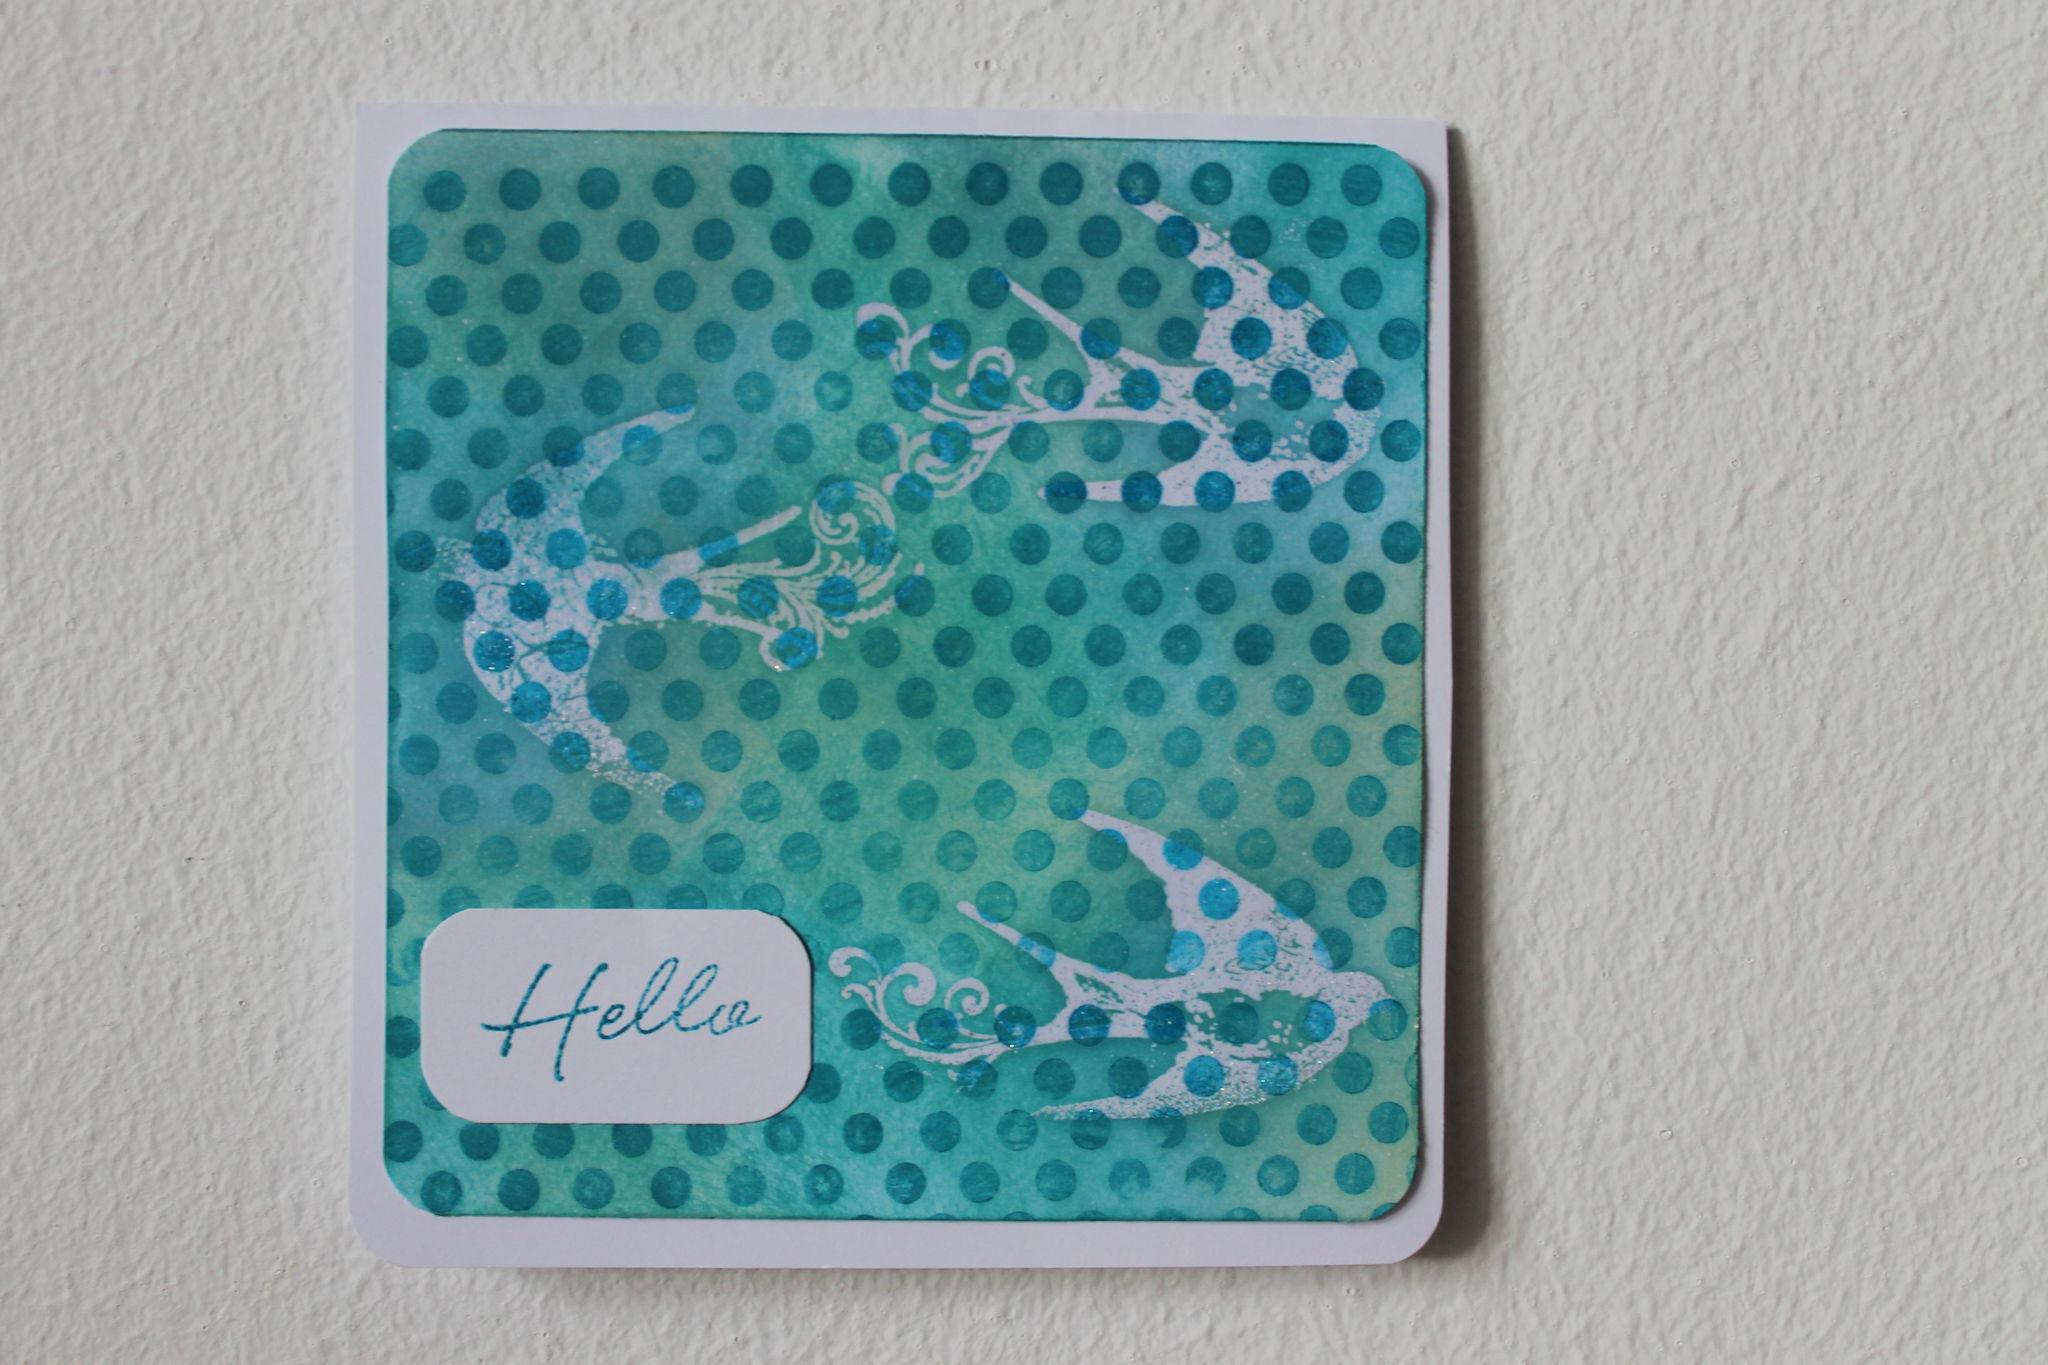 carte Hello 2013